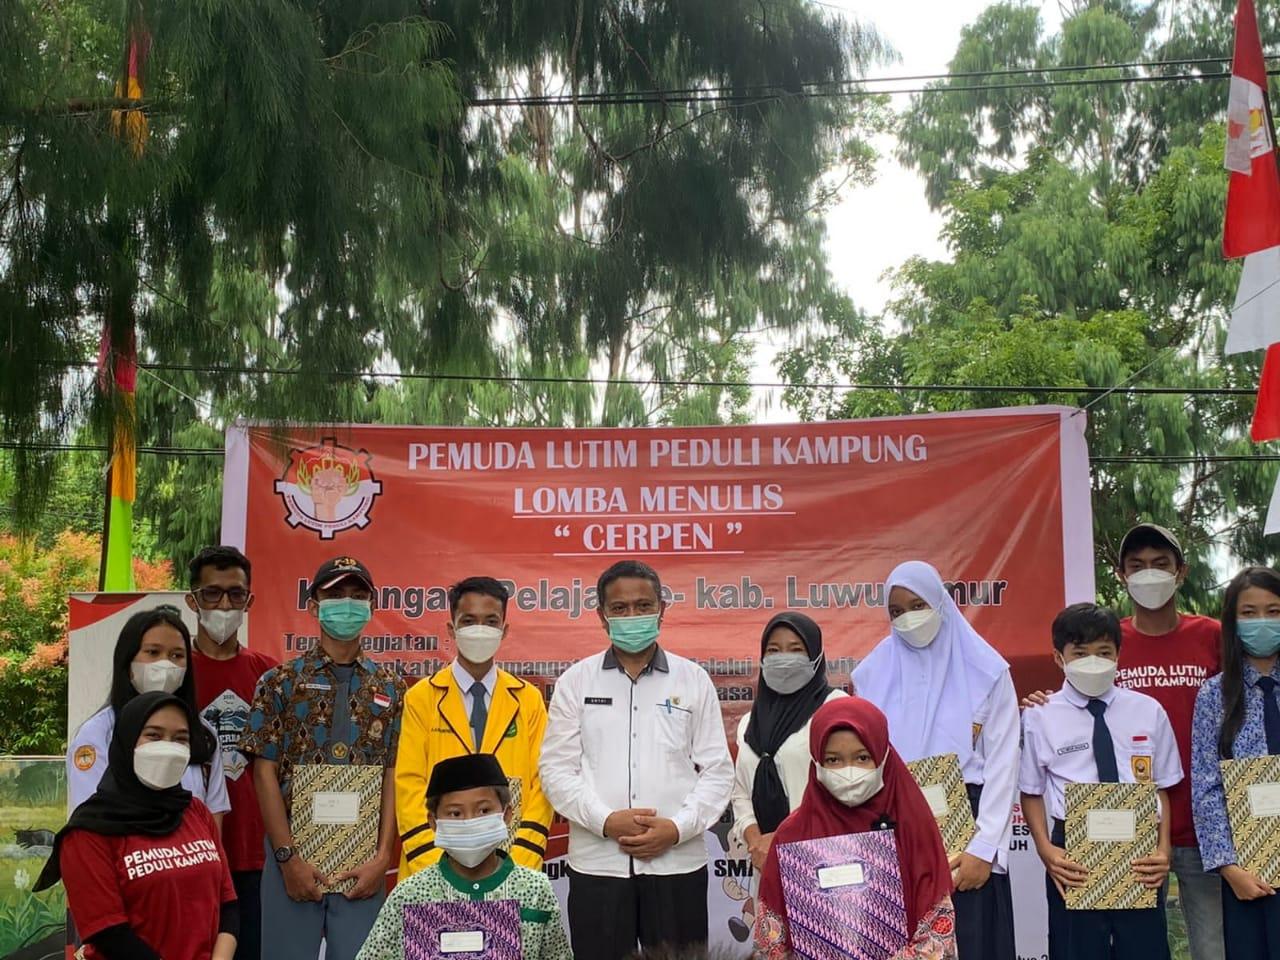 Gelar Lomba Menulis, Kadis Perpus Lutim Apresiasi Pemuda Lutim Peduli Kampung